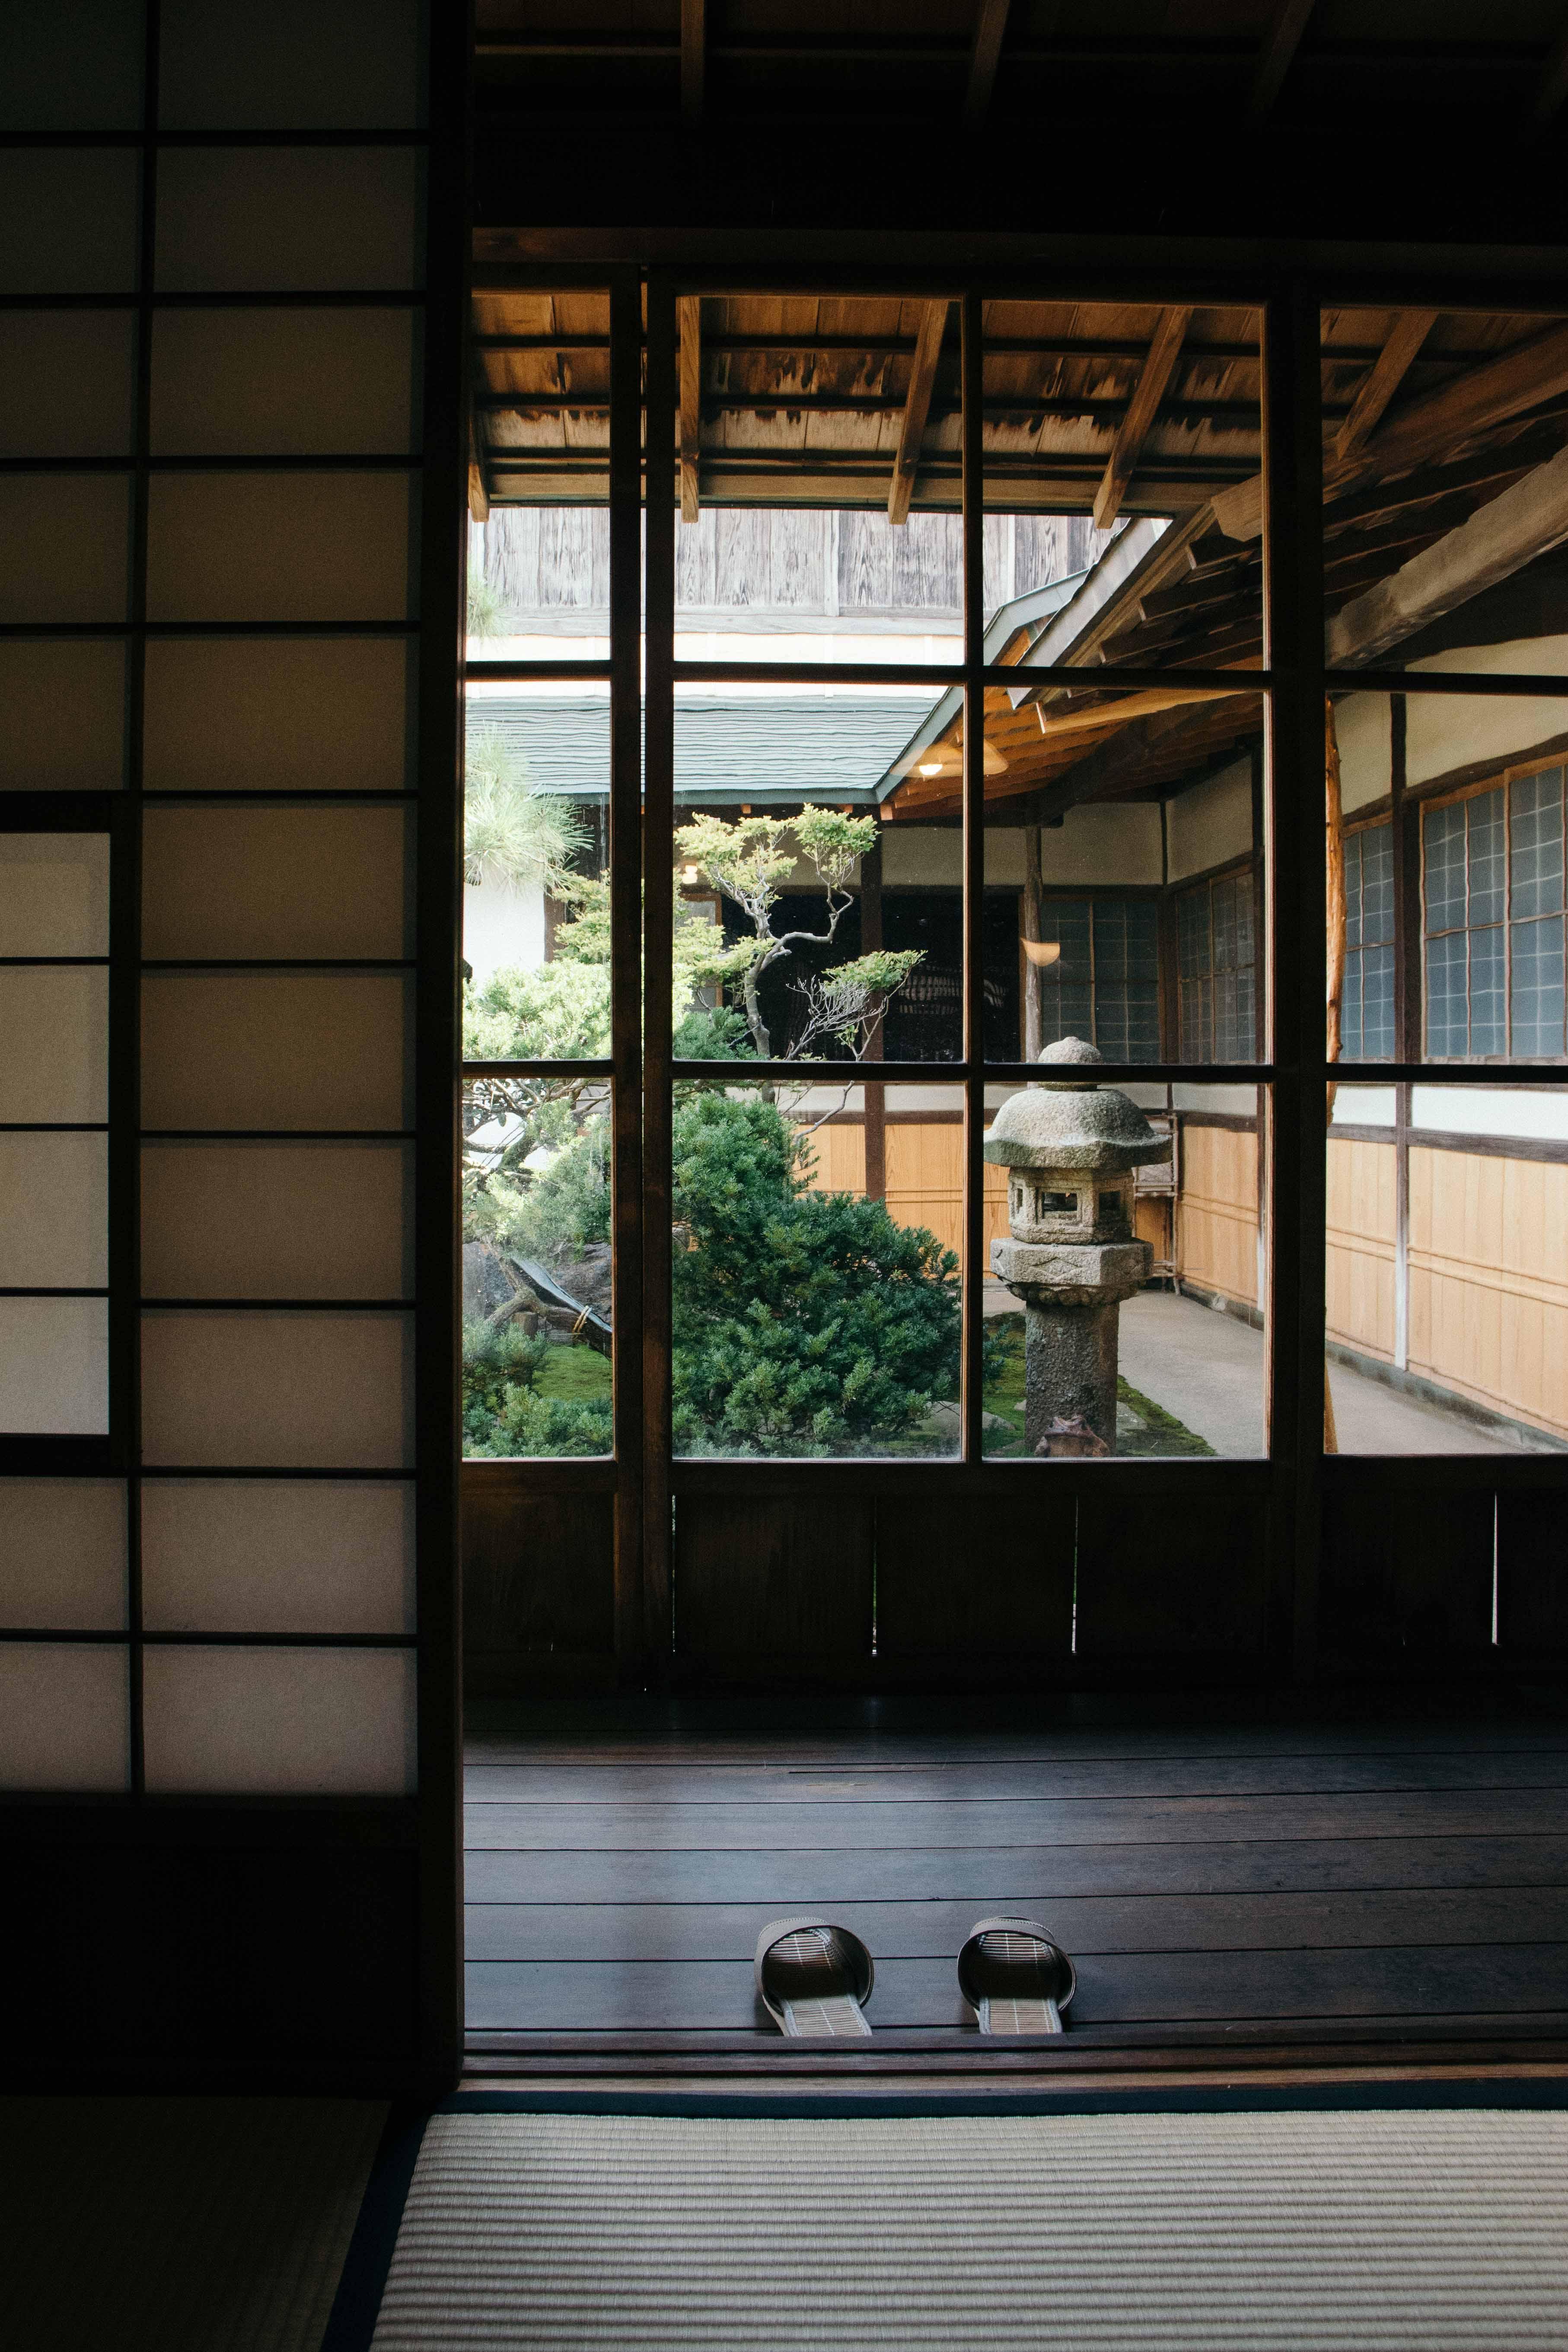 le resle restaurant Uoshirou, à Mikuni Minato dans la préfécture de Fukui au Japontaurant Uoshirou, à Mikuni Minato dans la préfécture de Fukui au Japon